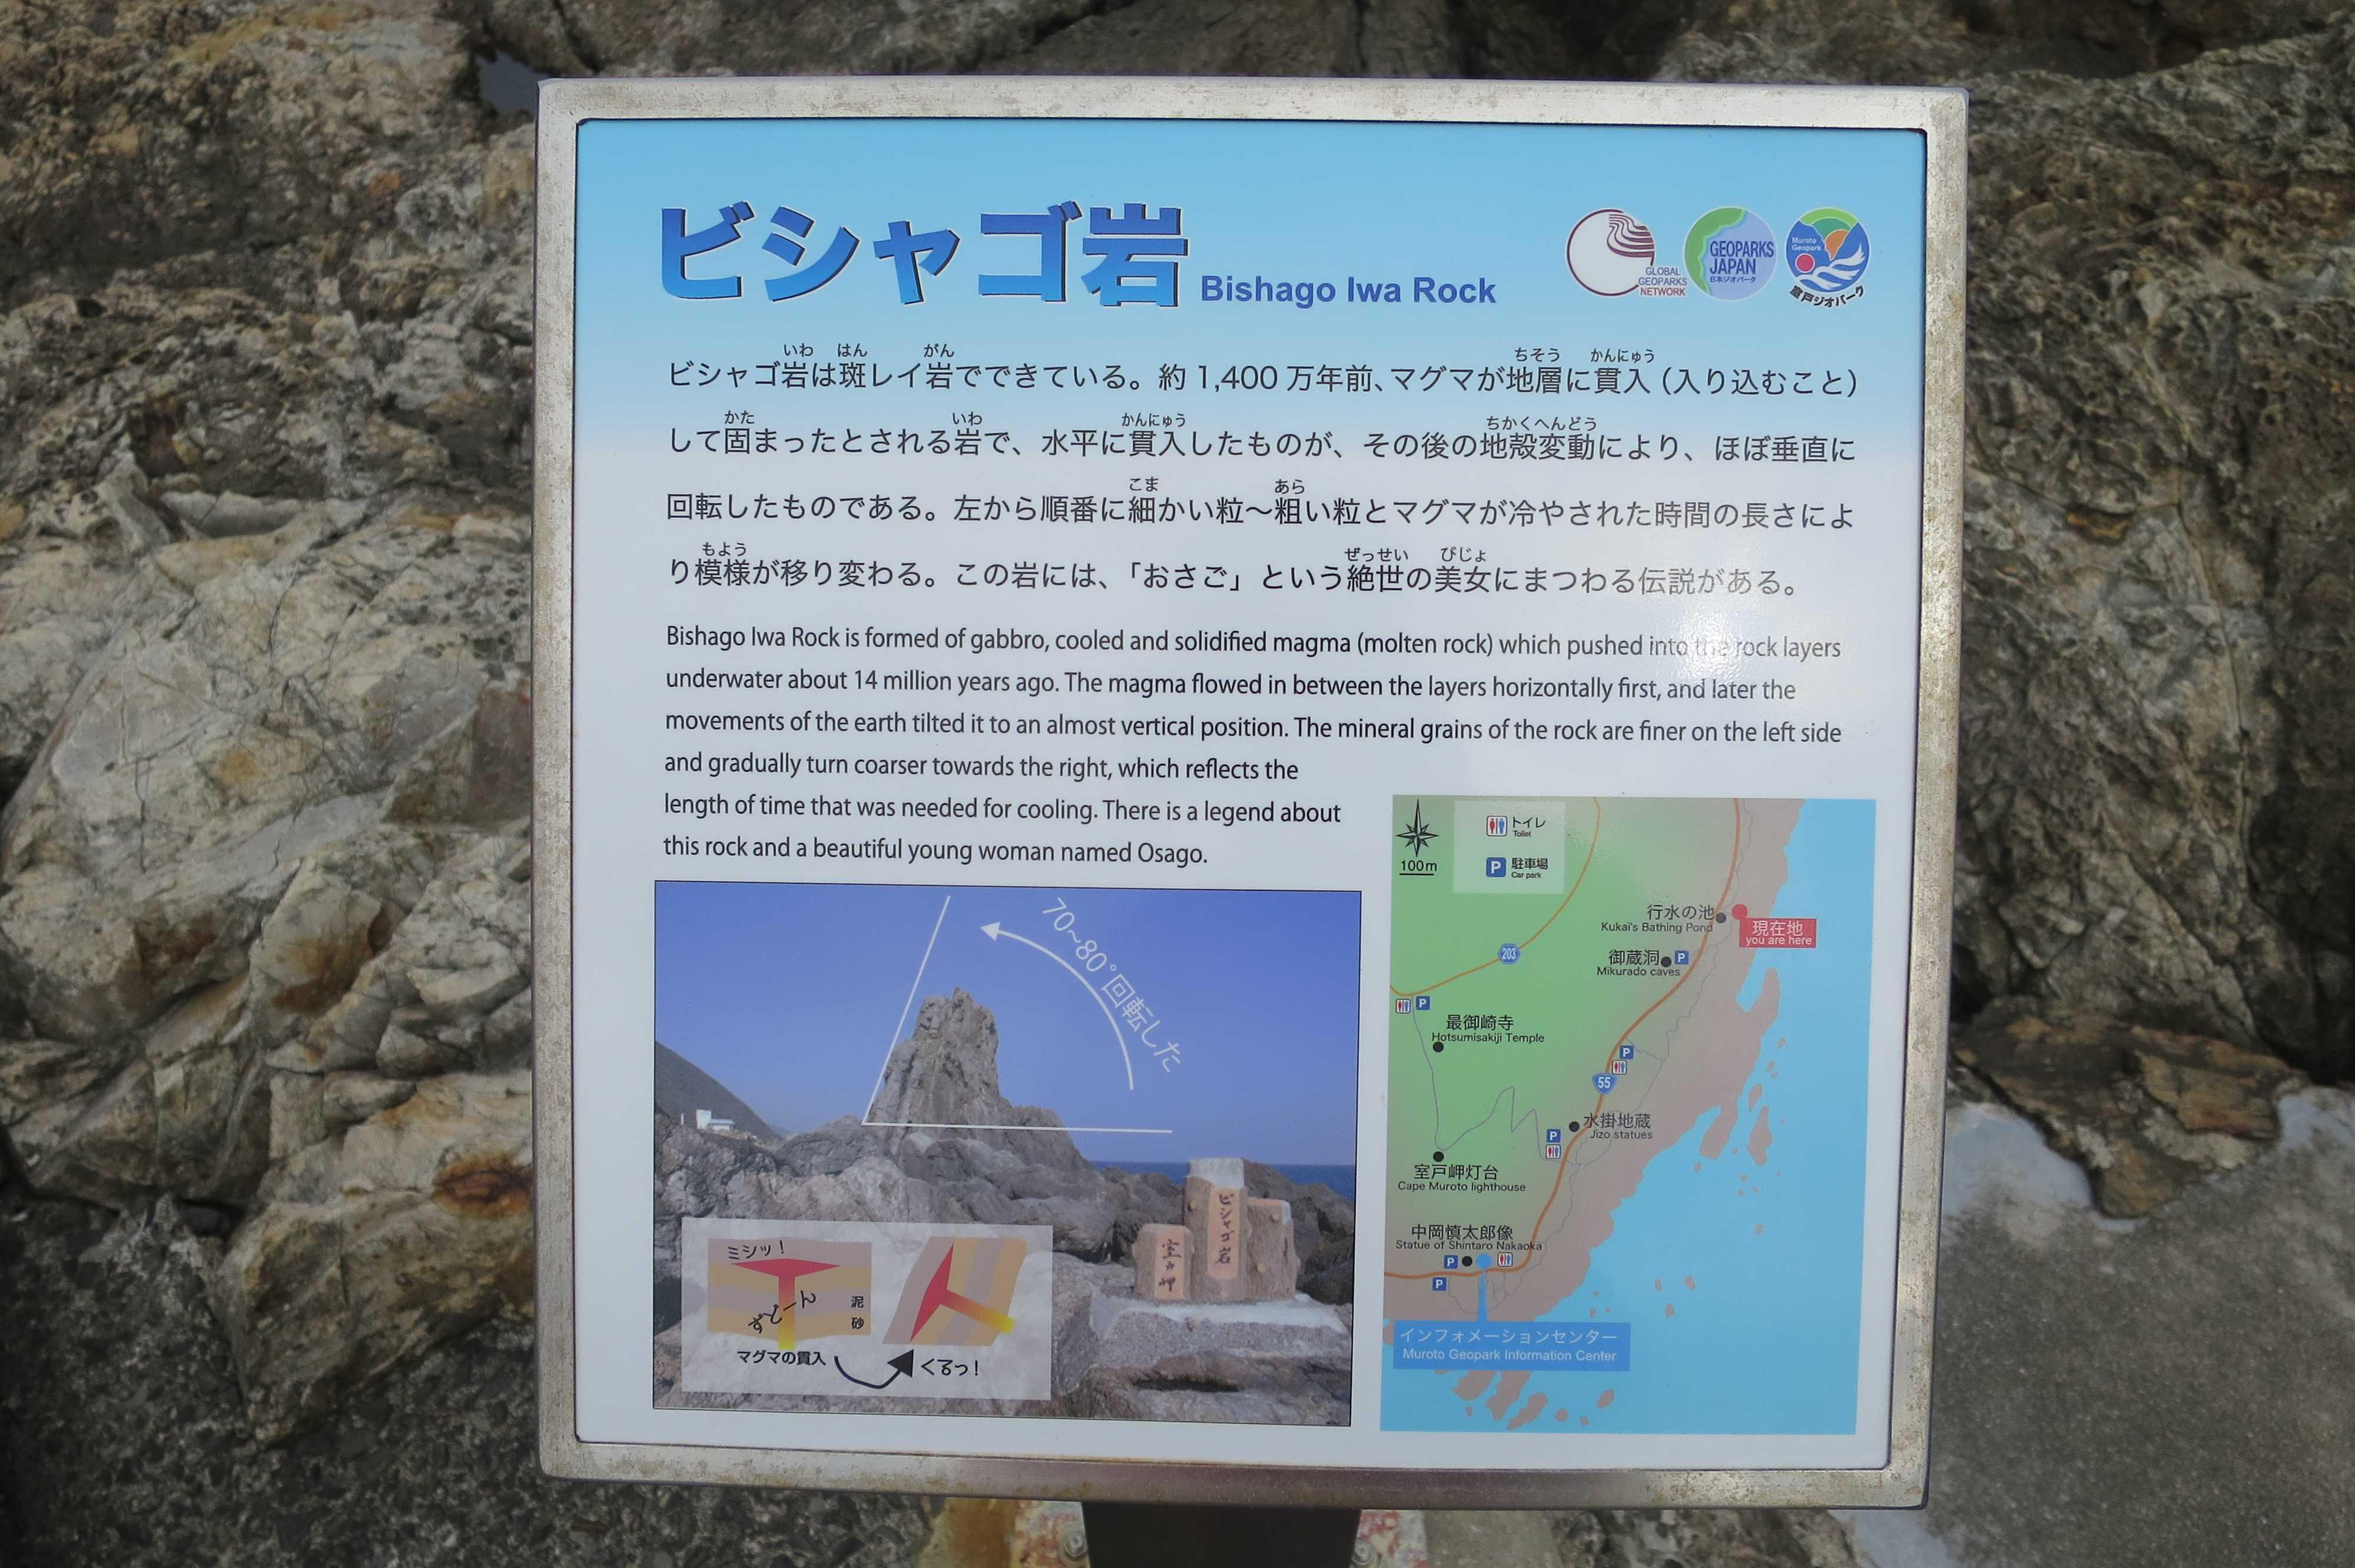 ビシャゴ岩 Bishago Iwa Rock - 室戸岬 乱礁遊歩道